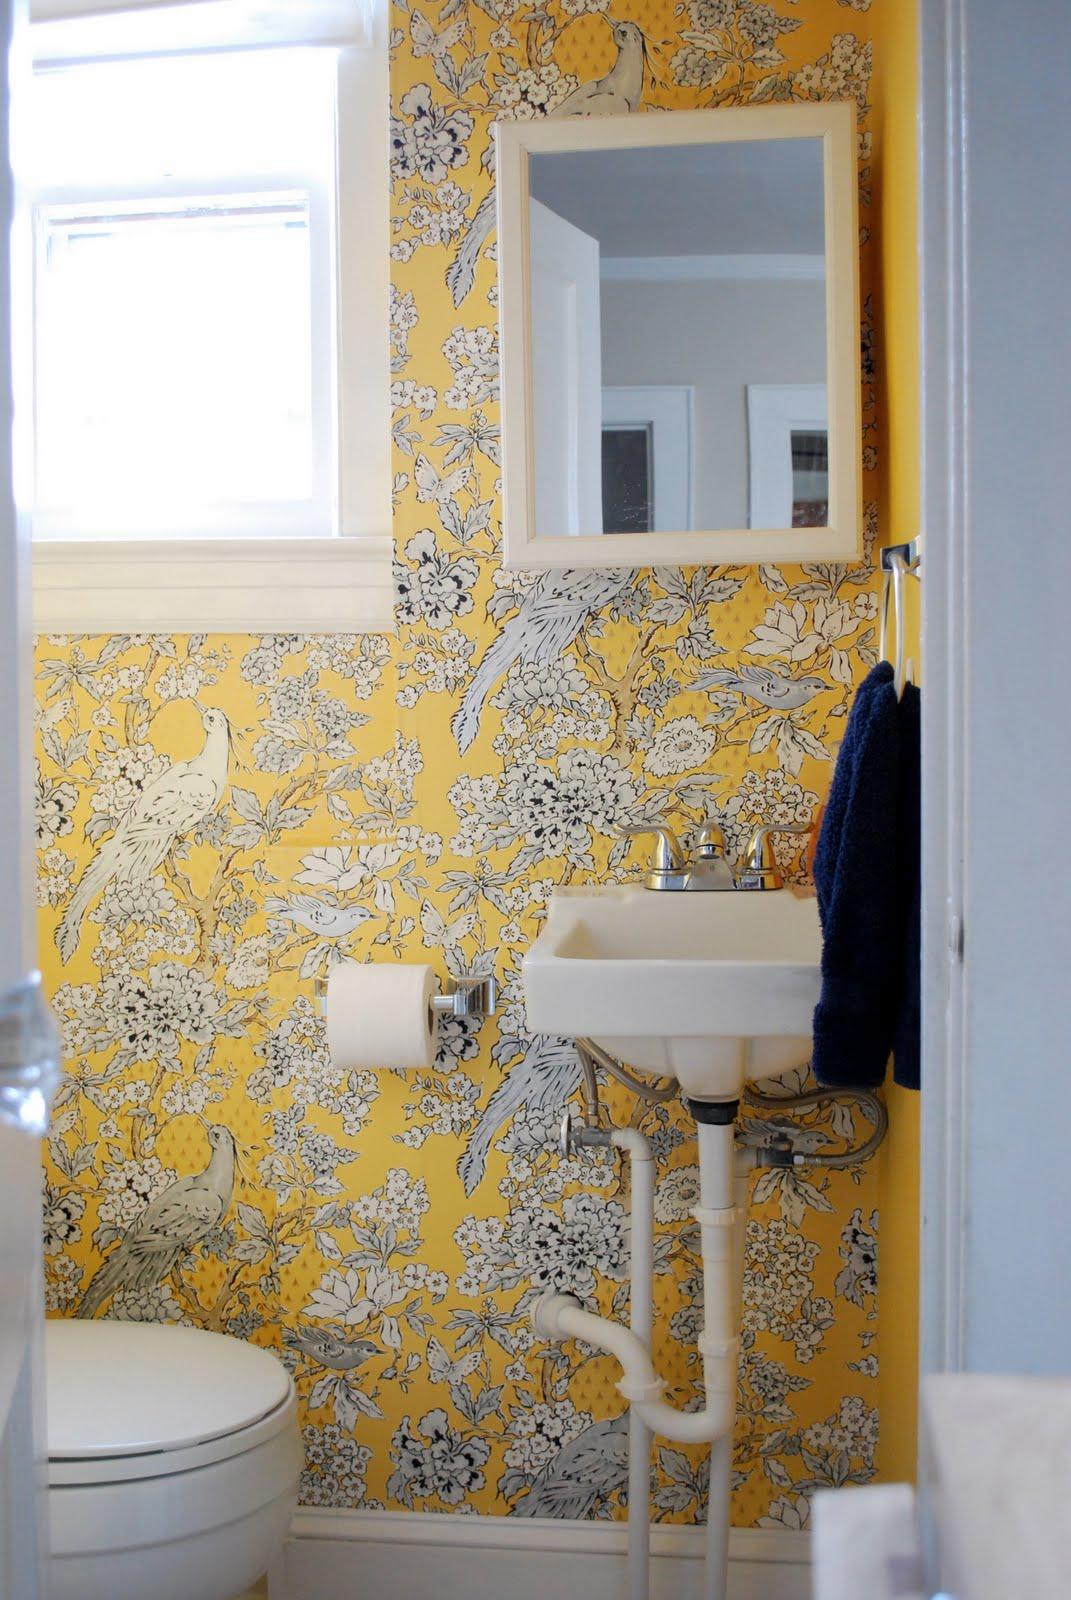 Обои в туалете желтые с принтом